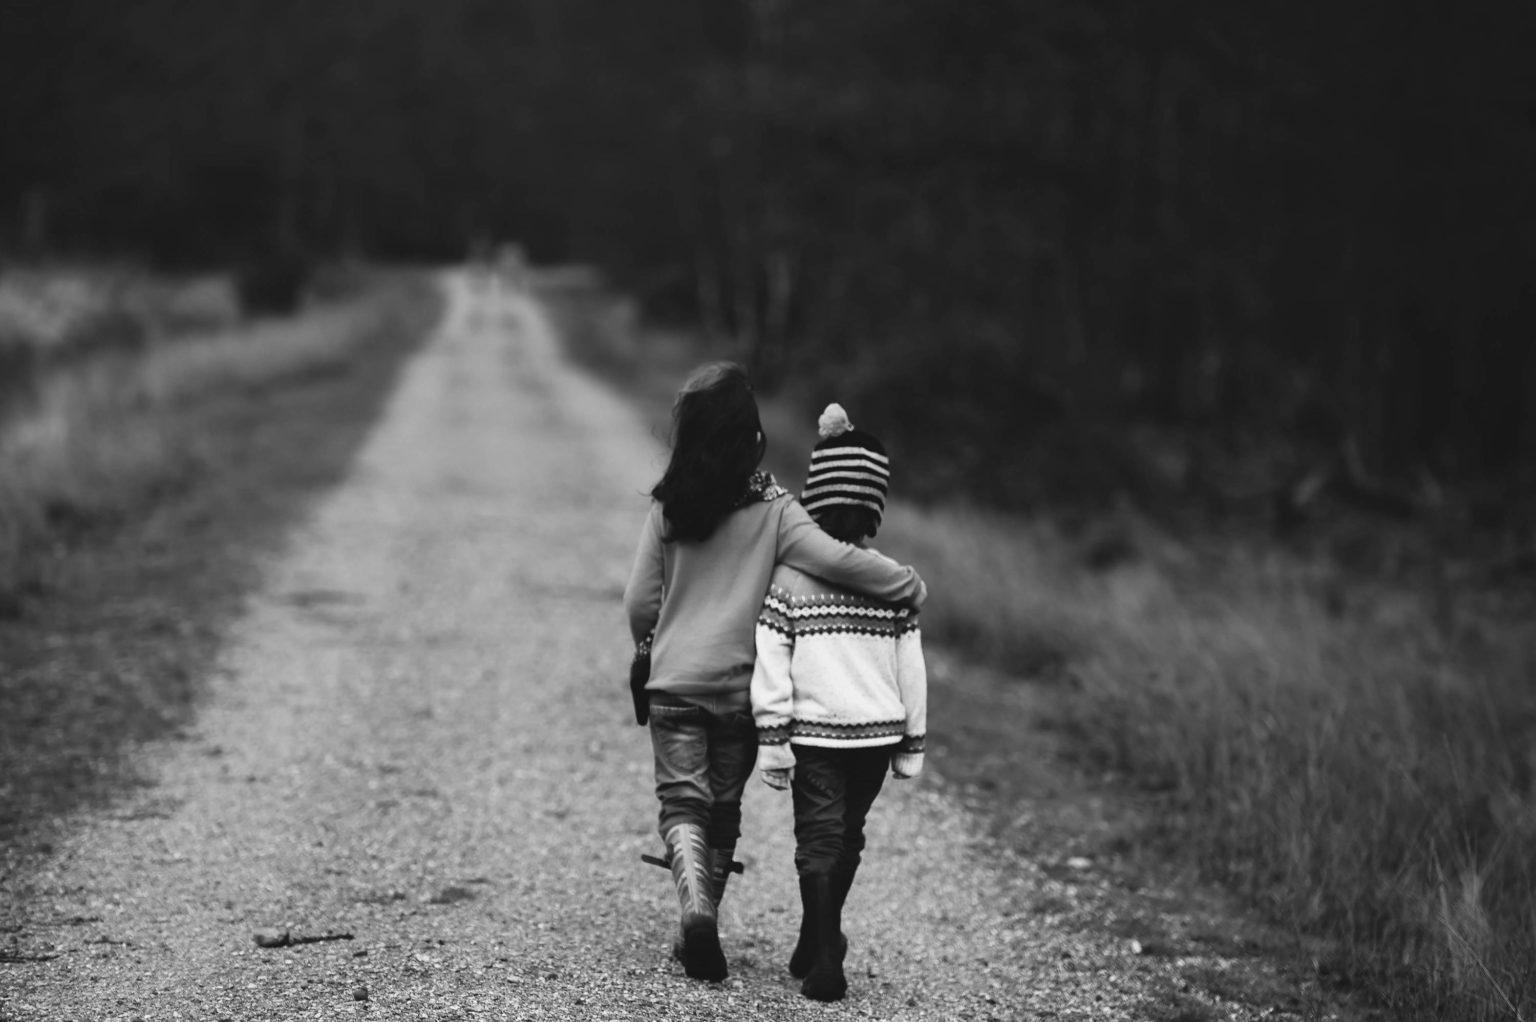 Siblings walking on dirt road